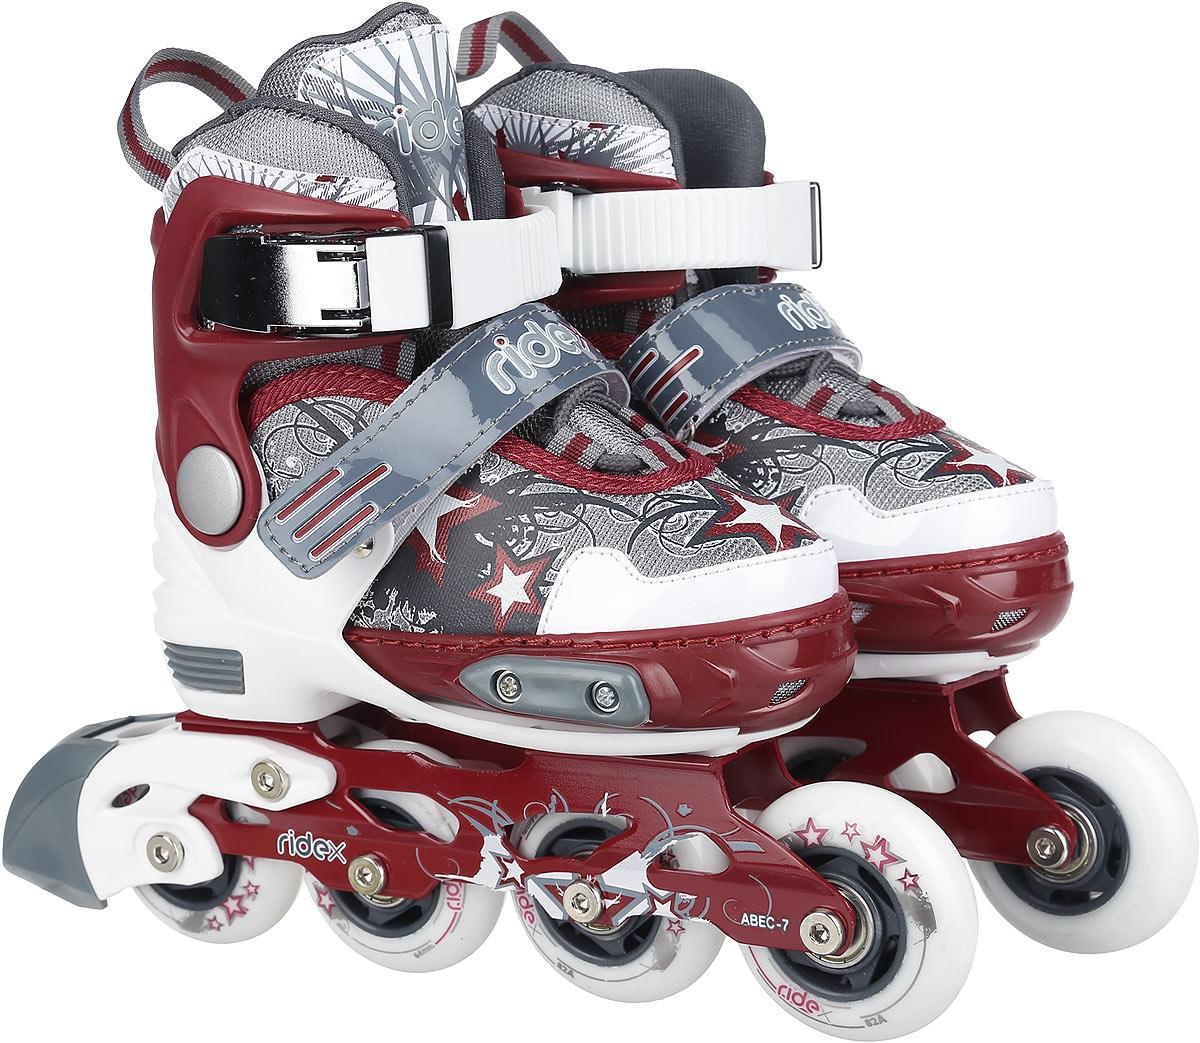 Коньки роликовые Ridex Tornado, раздвижные, цвет: белый, бордовый, серый. УТ-00008114. Размер 34/37 - Ролики